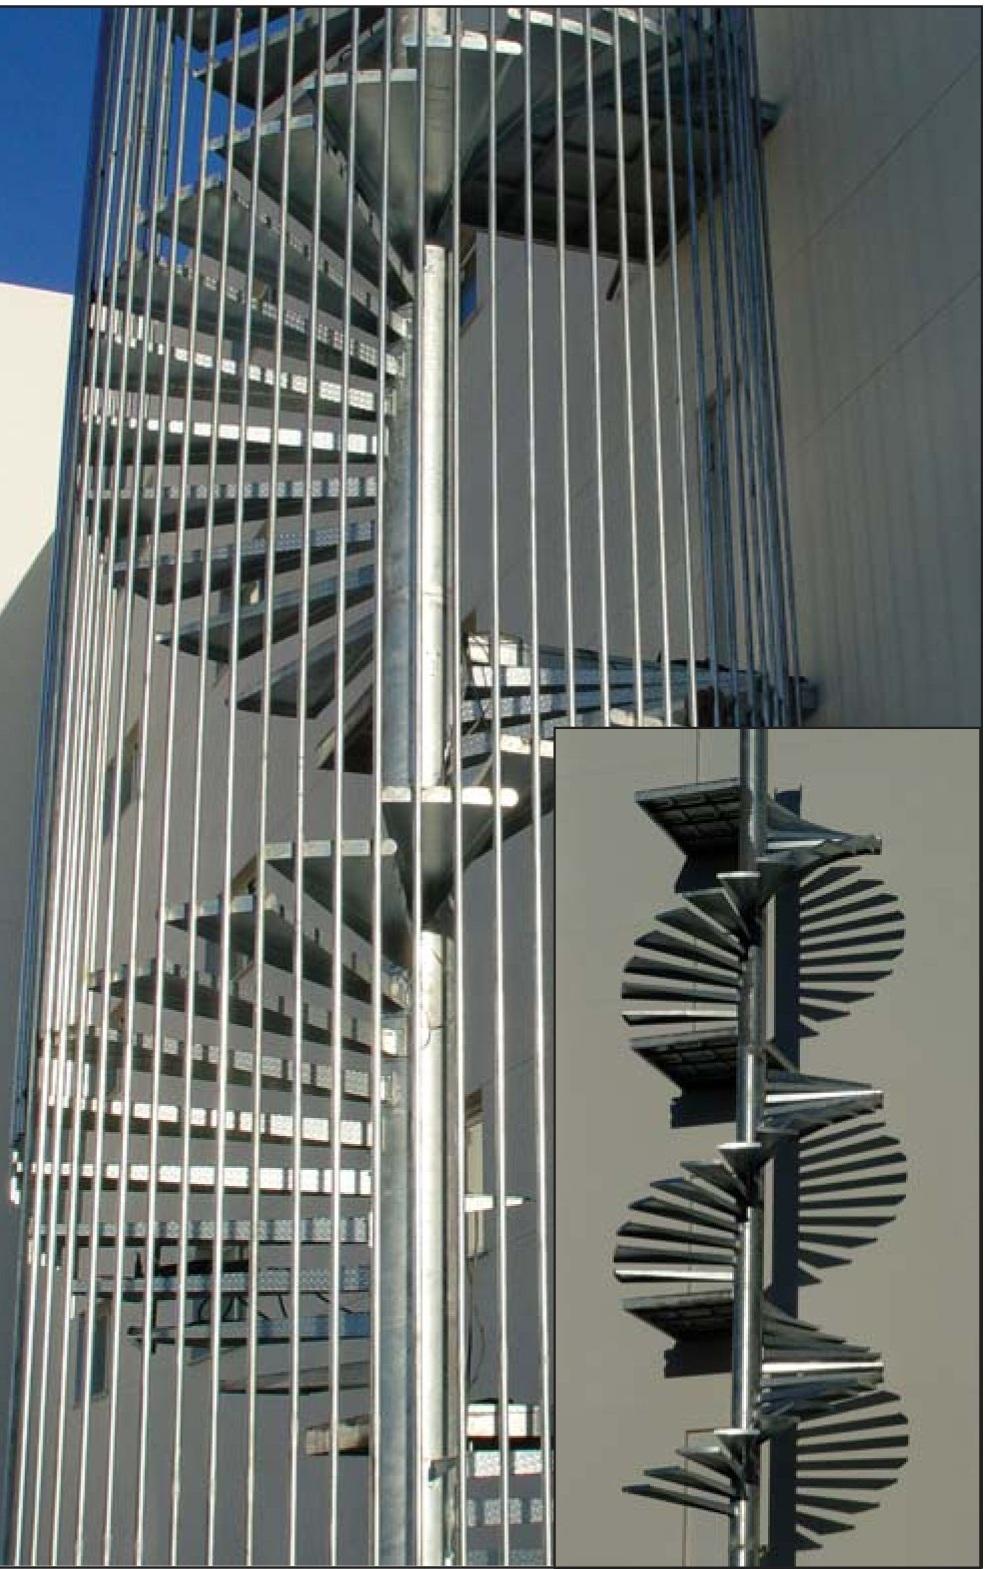 Cerrajeria sotelo y automatismos escaleras metalicas for Escaleras de emergencia